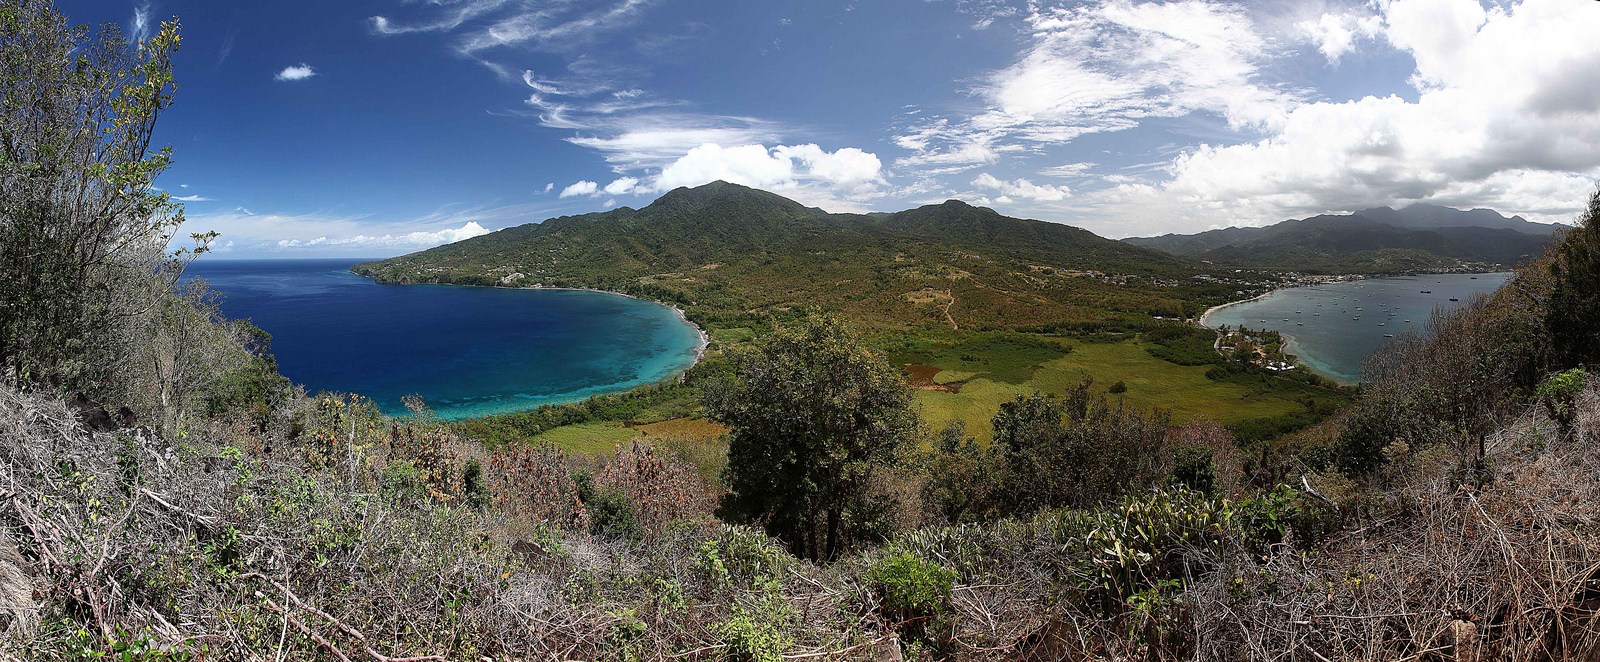 San Juan Island Climate